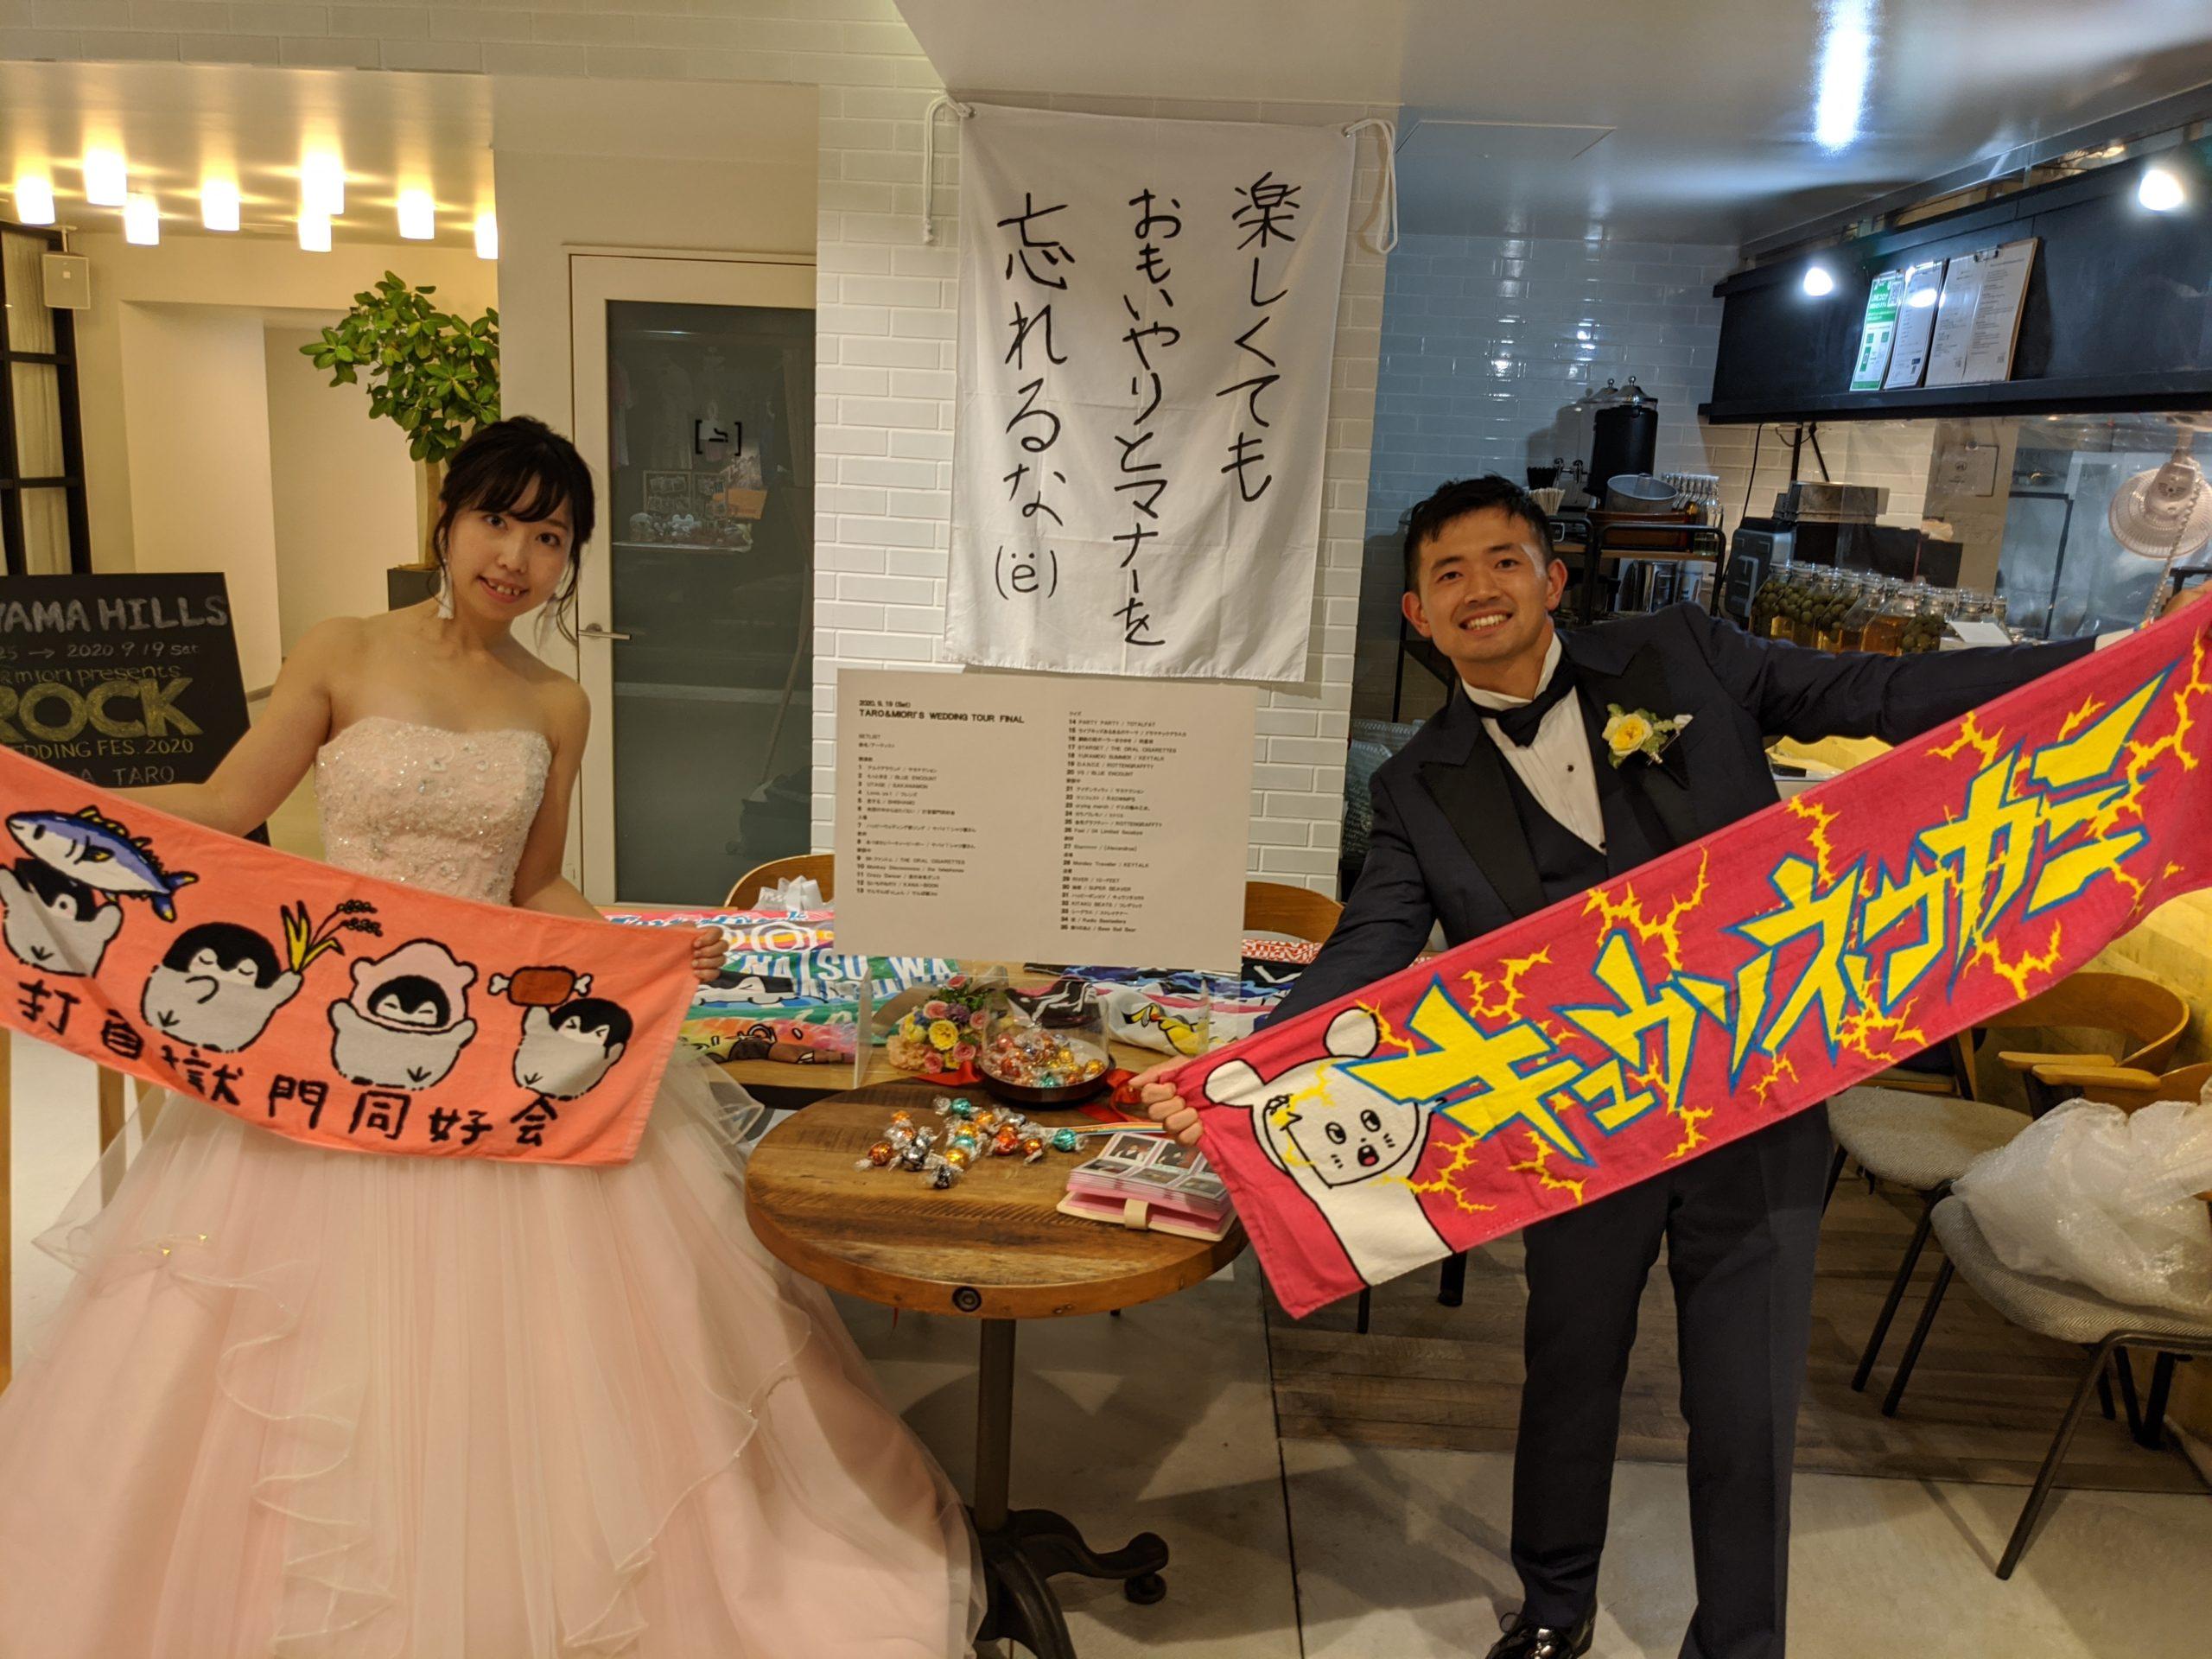 フェス好きのお二人の結婚式二次会レポート@横浜馬車道